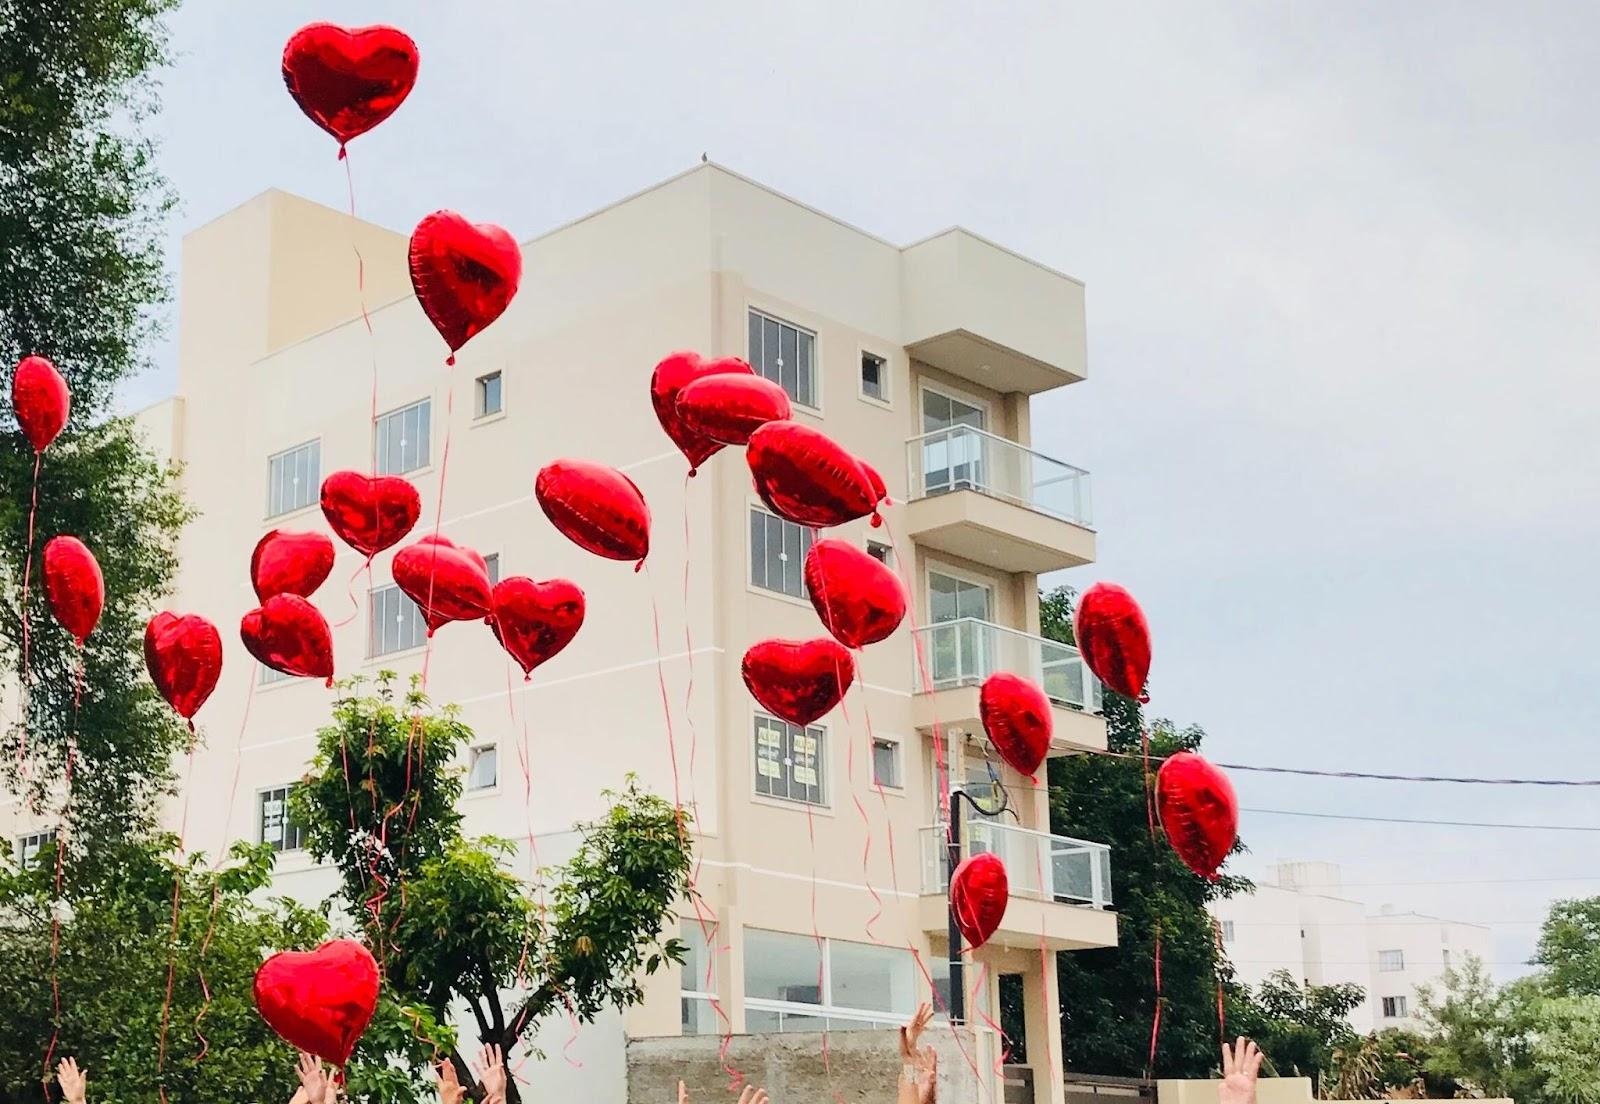 Comment Faire une Retouche Spéciale et montrer votre amour : Edition Saint-Amour 01